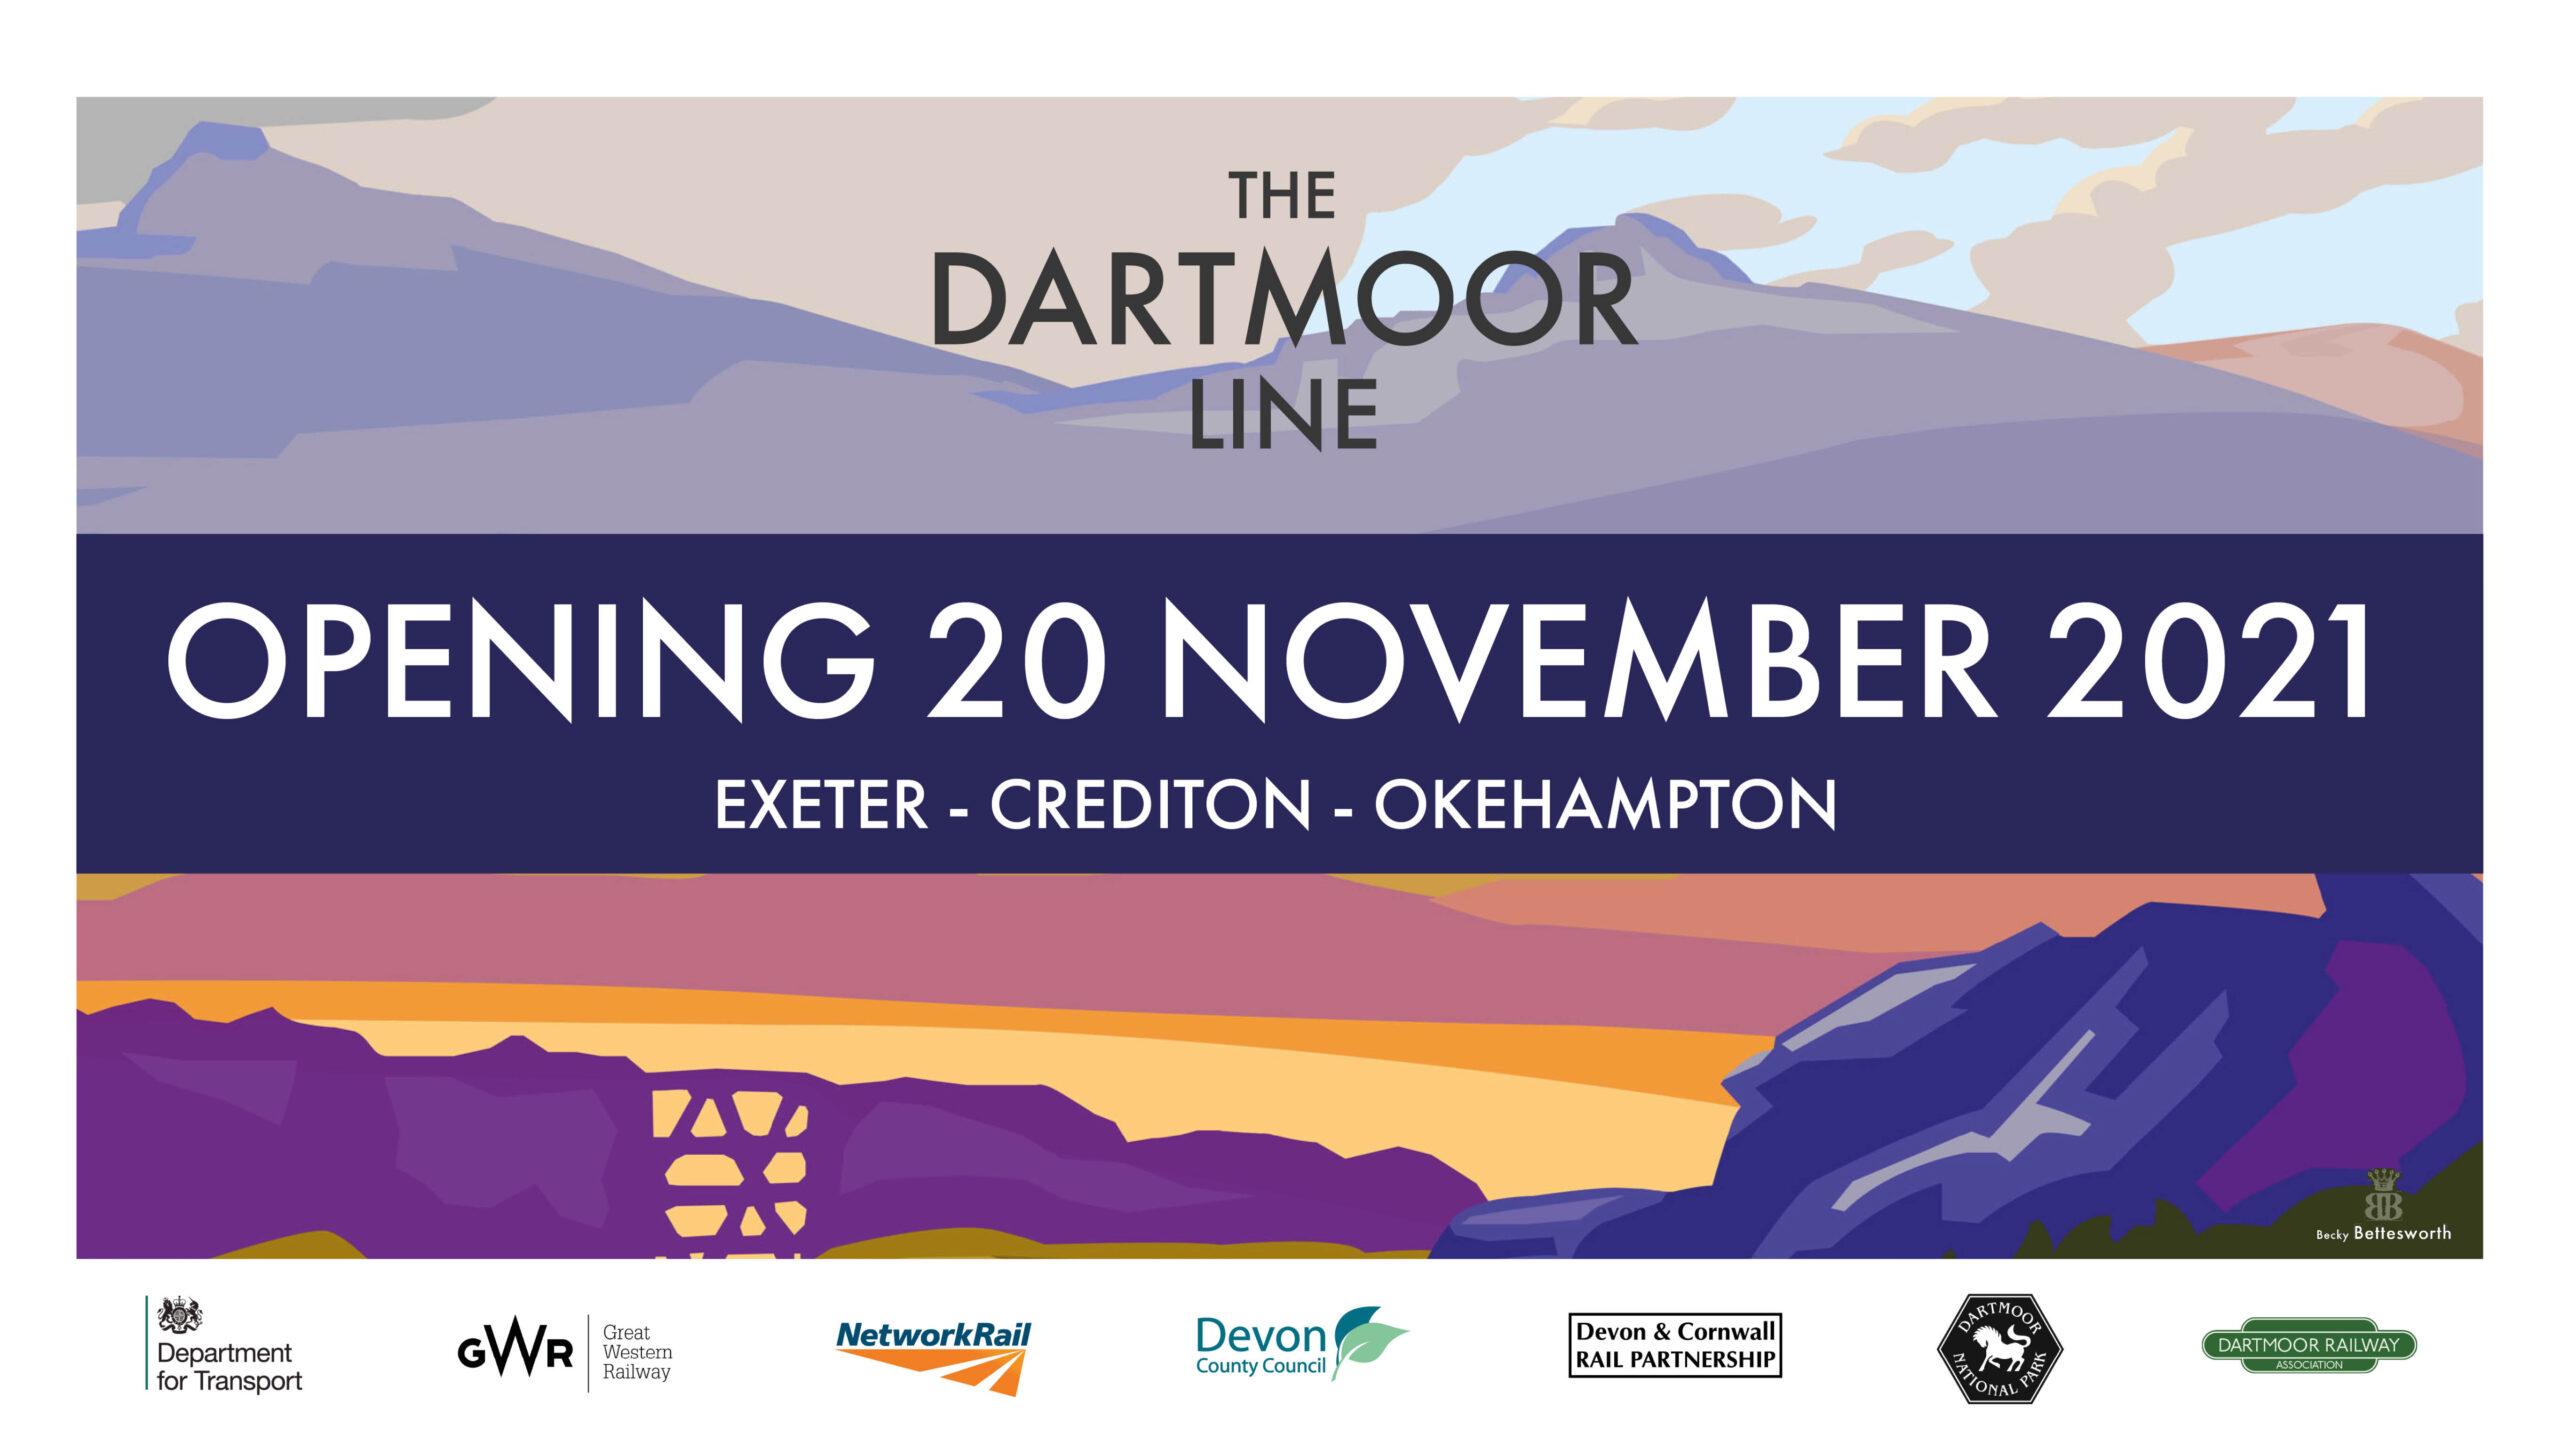 The Dartmoor Line - Opening 20 November 2021